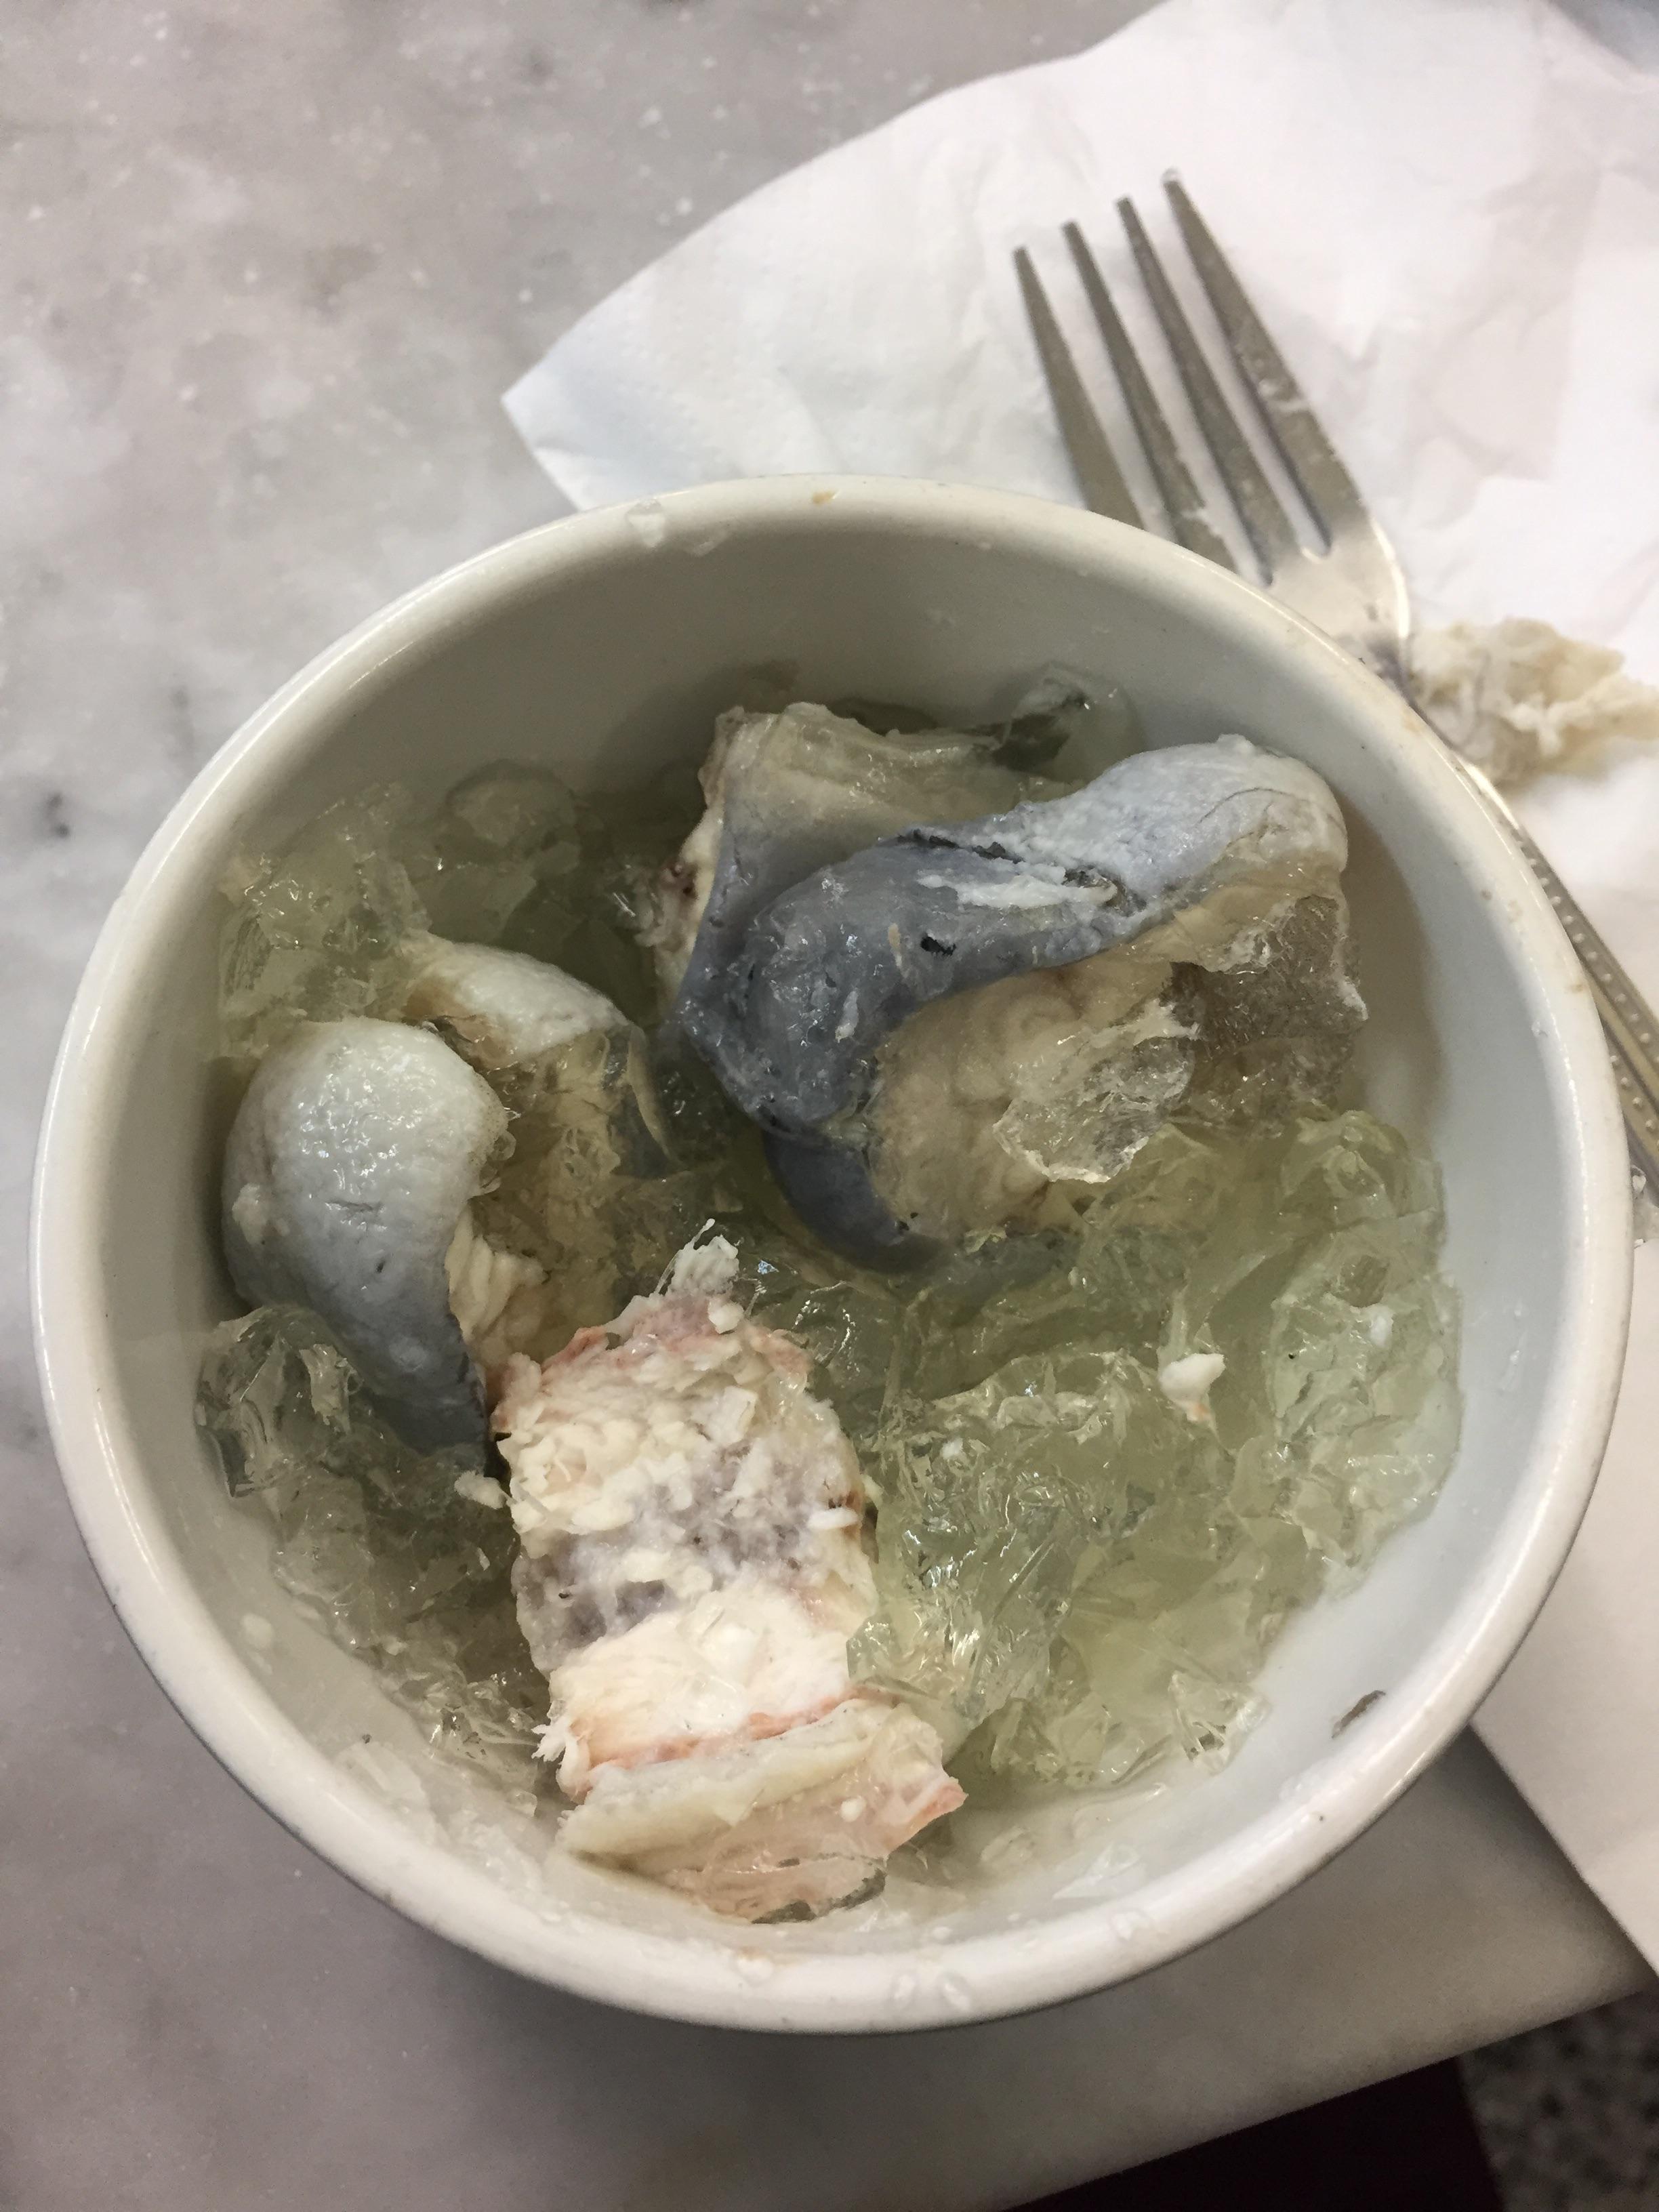 Jellied eel in London